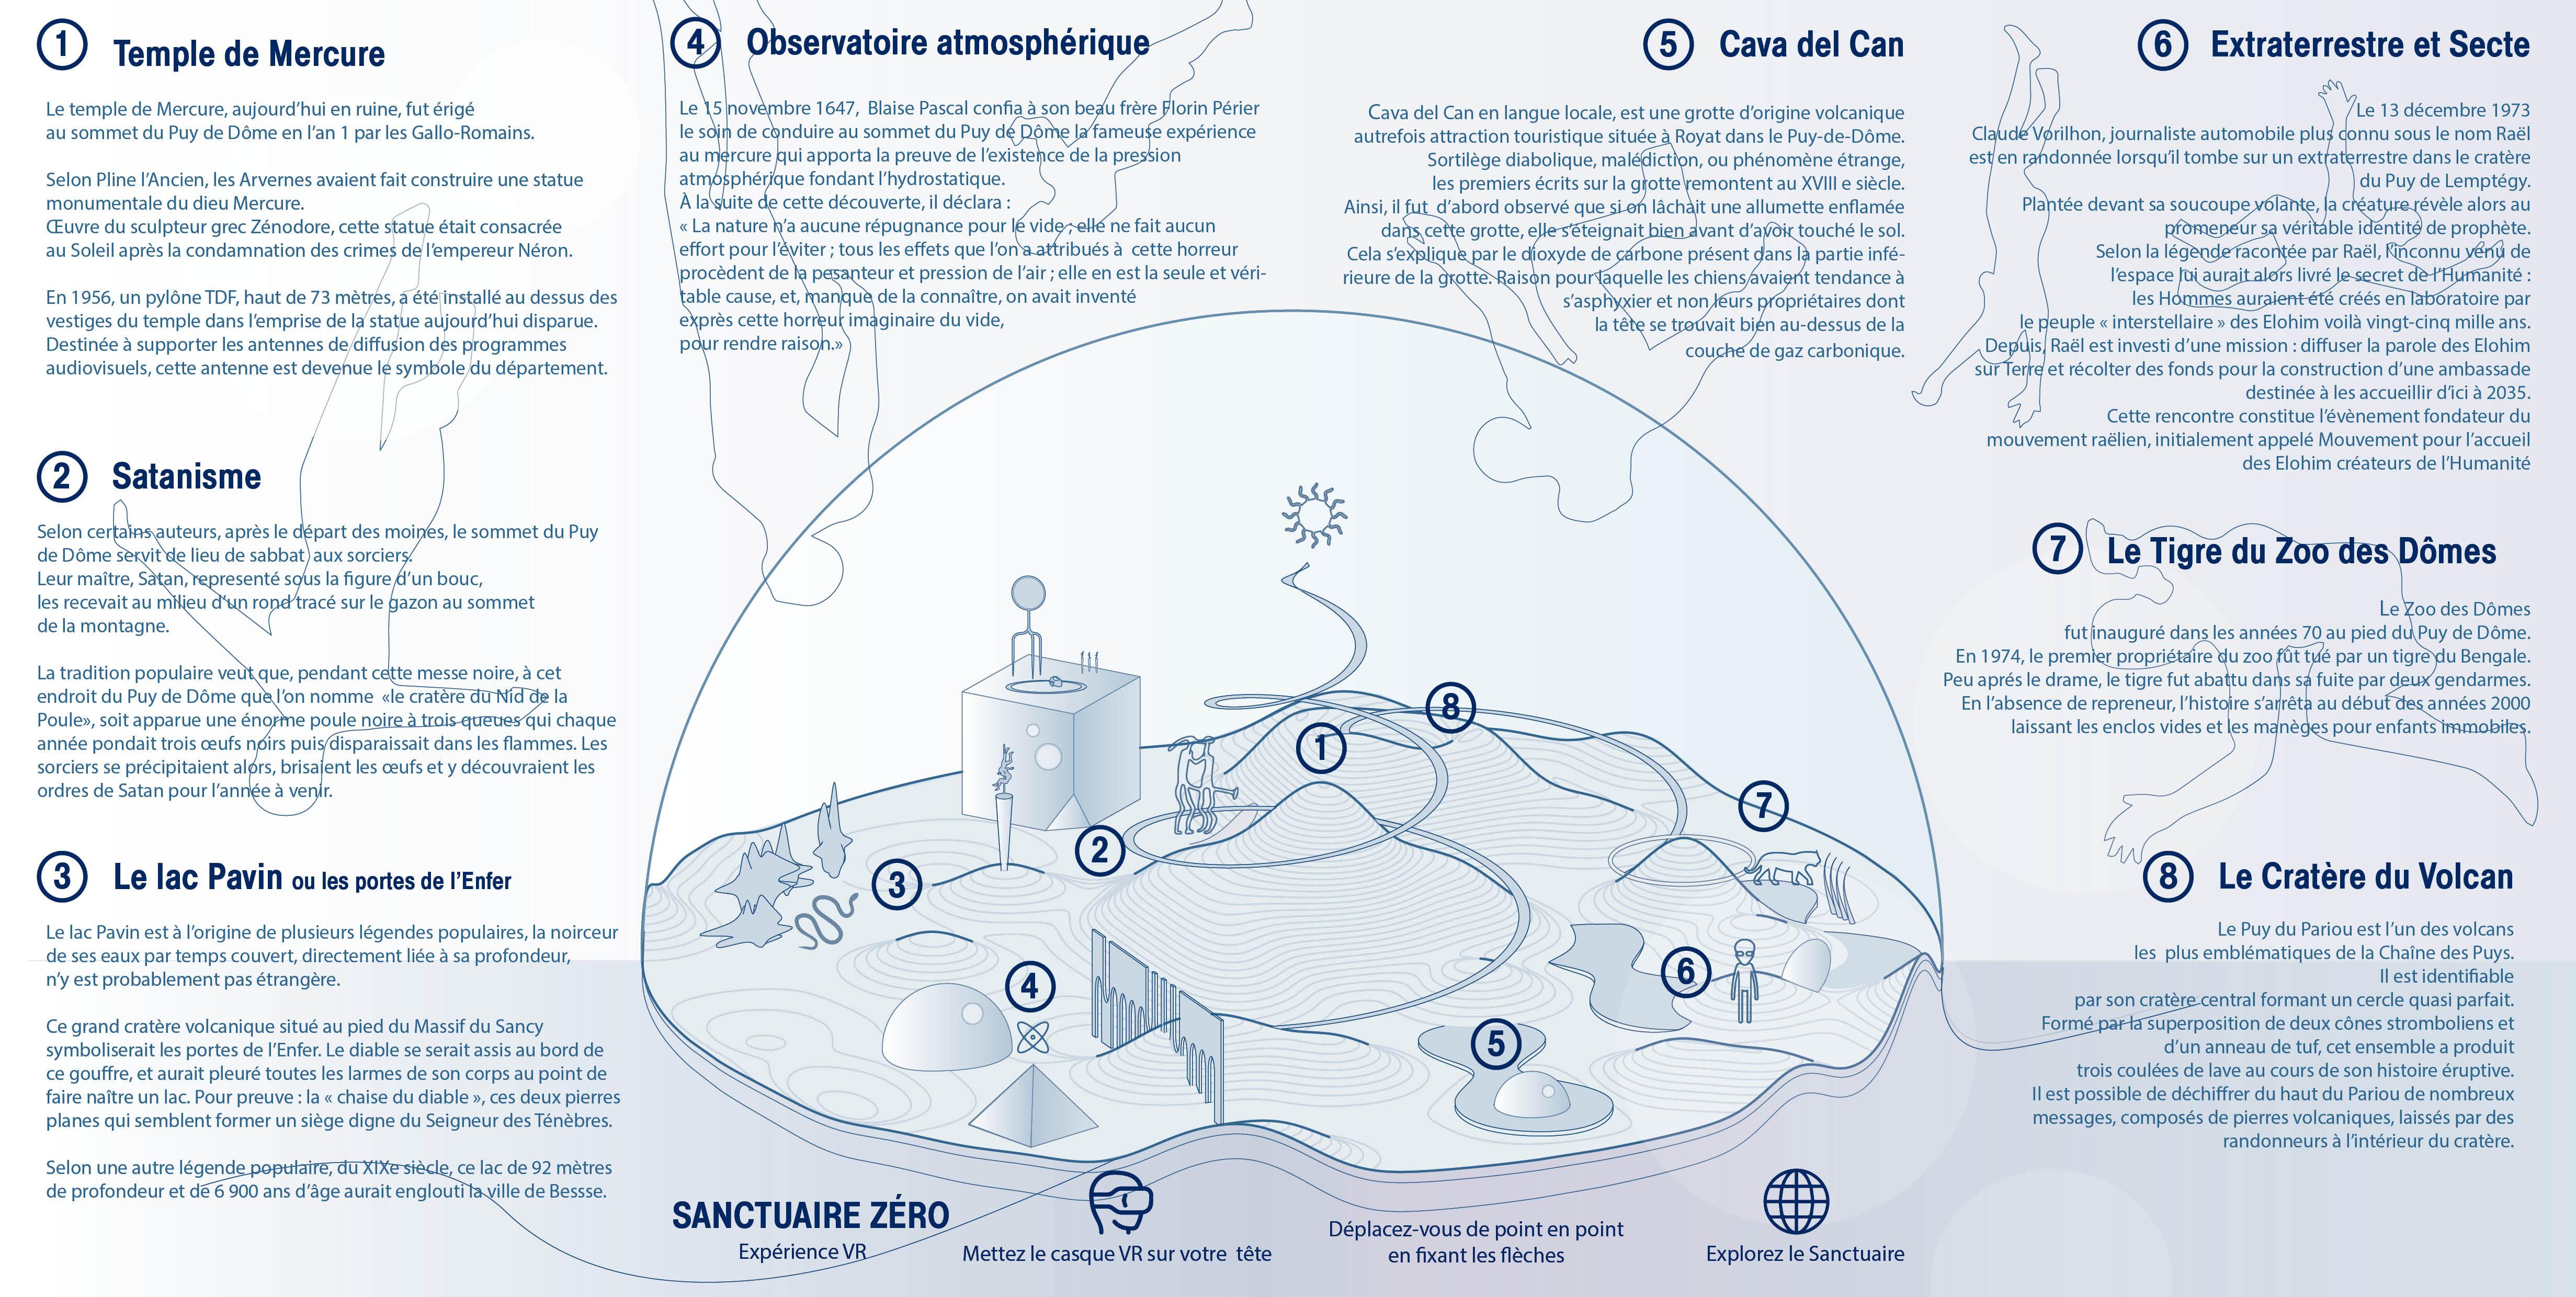 Carte du Sanctuaire Zéro